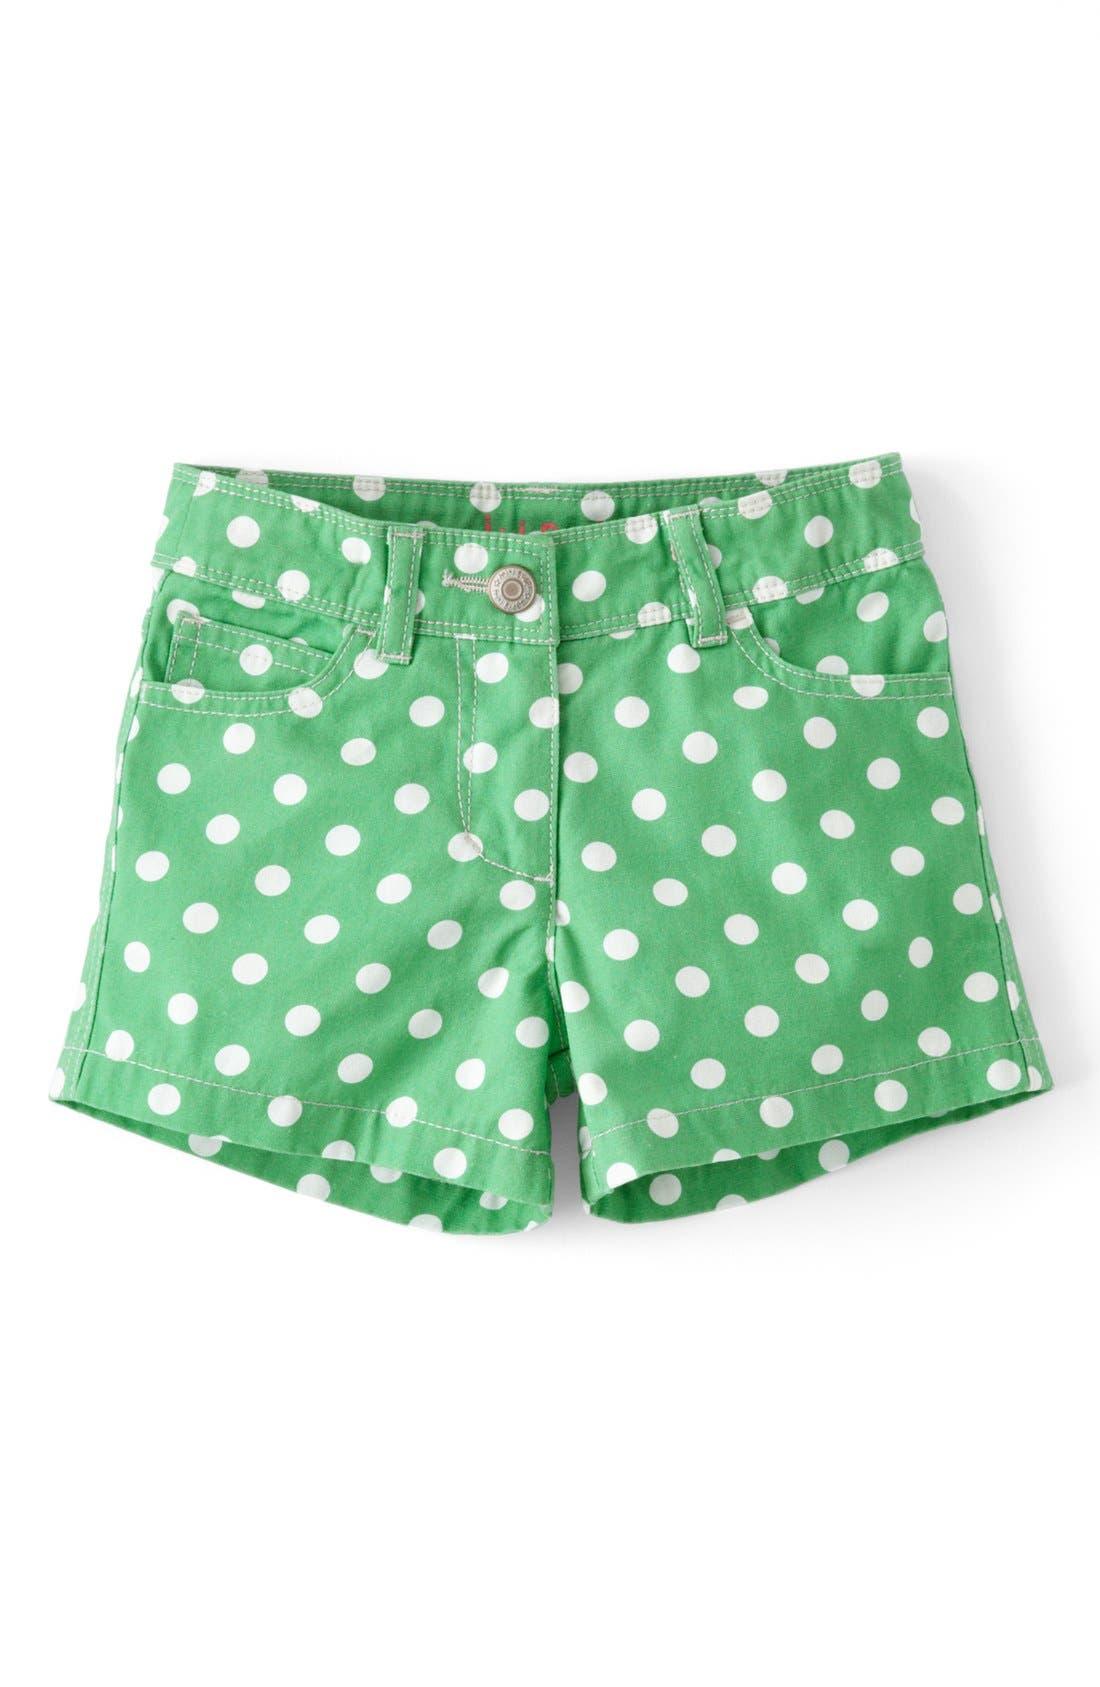 Alternate Image 1 Selected - Mini Boden Heart Pocket Shorts (Toddler Girls, Little Girls & Big Girls)(Online Only)